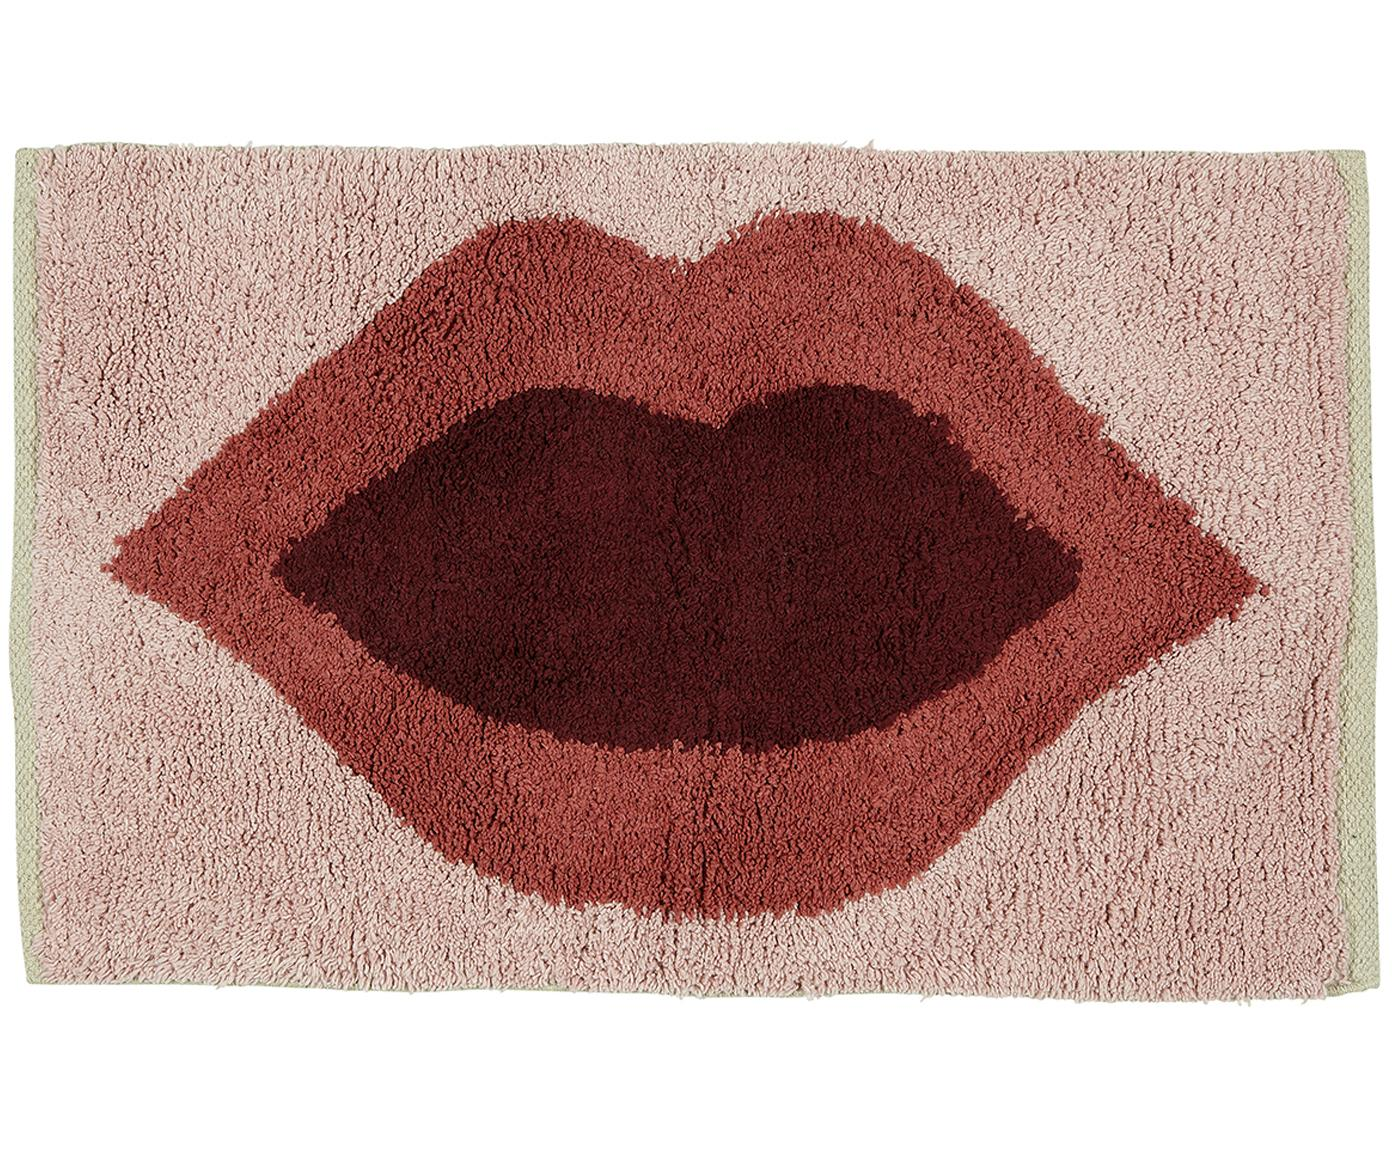 Tappeto bagno con motivo Kiss, Cotone Non antiscivolo, Rosa, rosso, rosso scuro, Larg. 60 x Lung. 90 cm